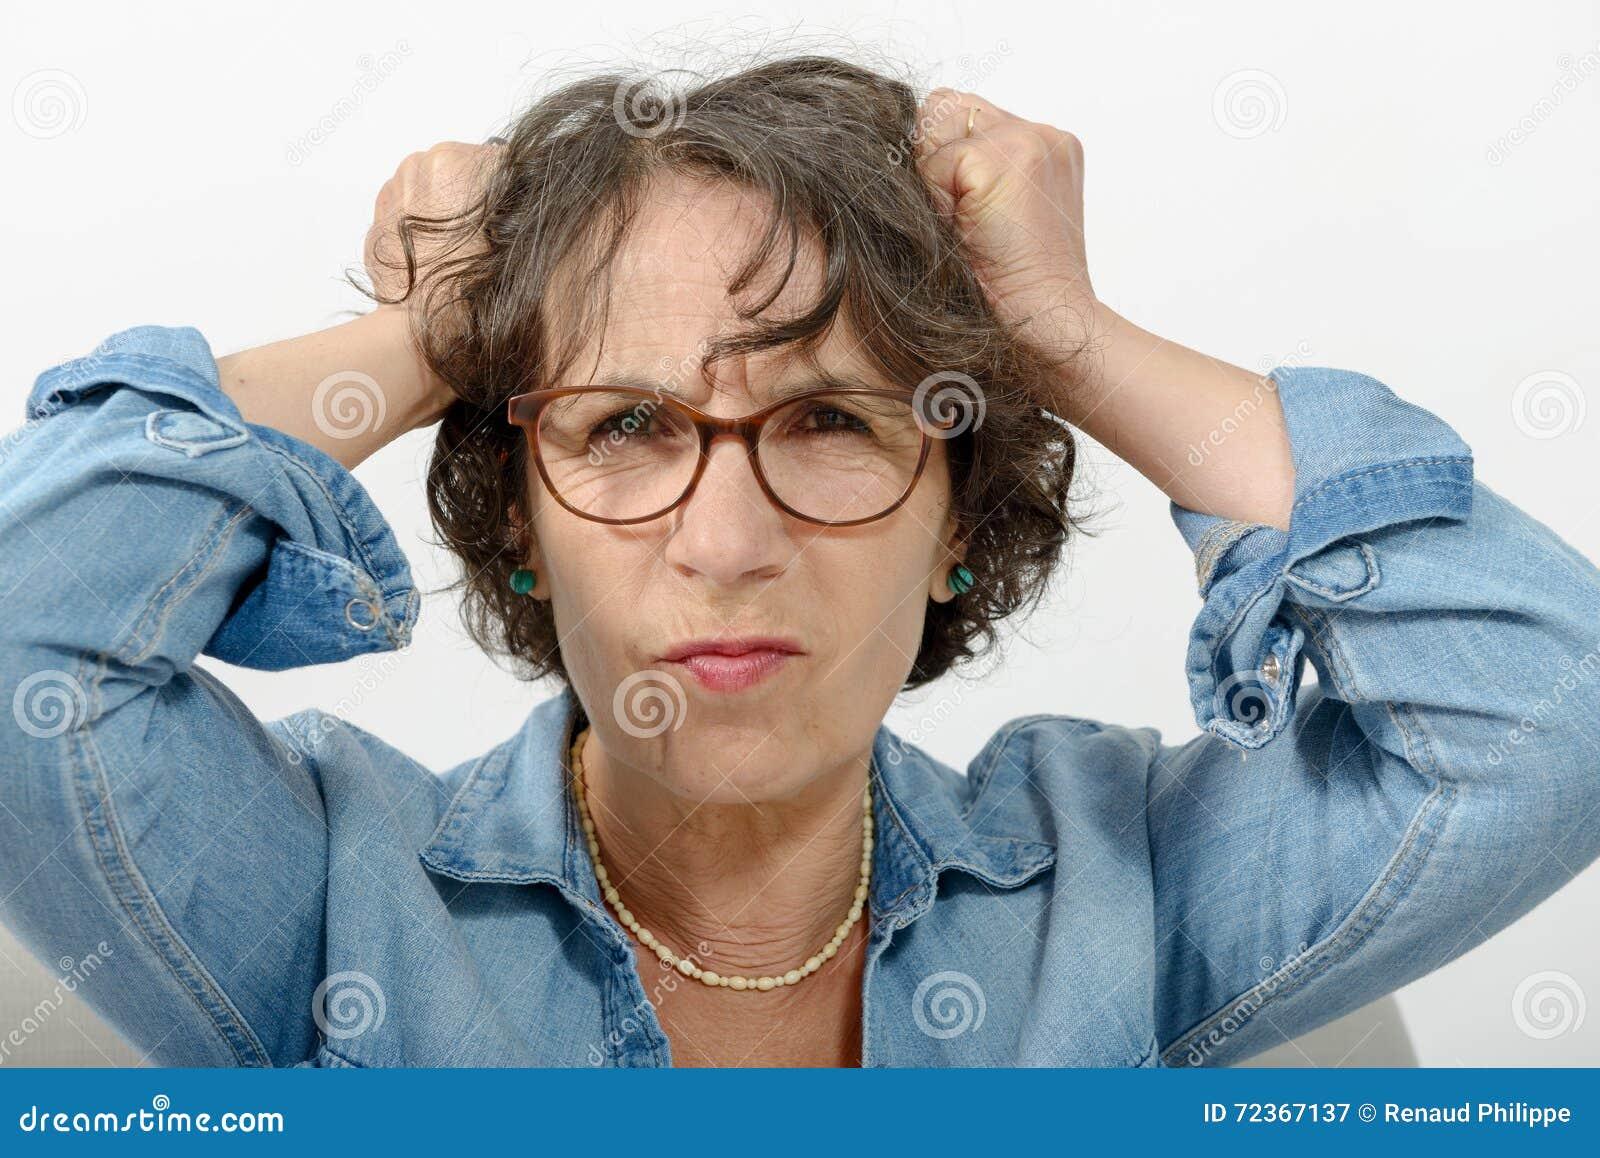 Portret van een boze vrouw op middelbare leeftijd